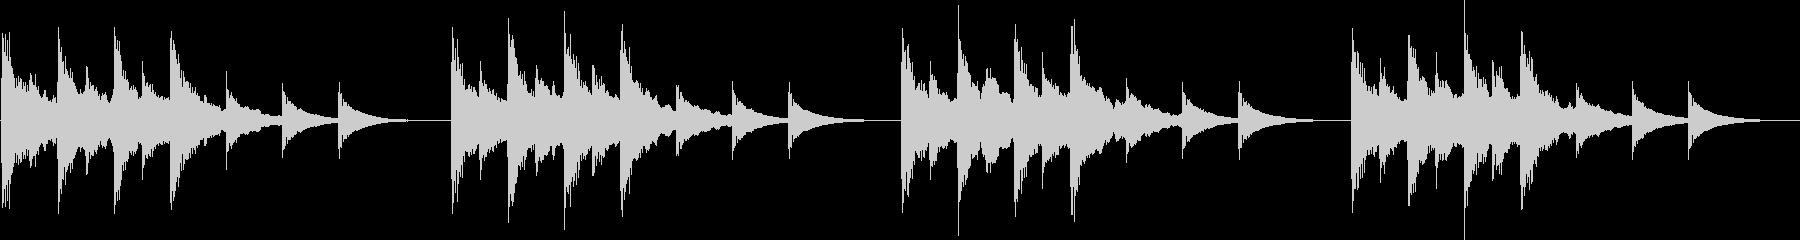 呼び出し音の未再生の波形